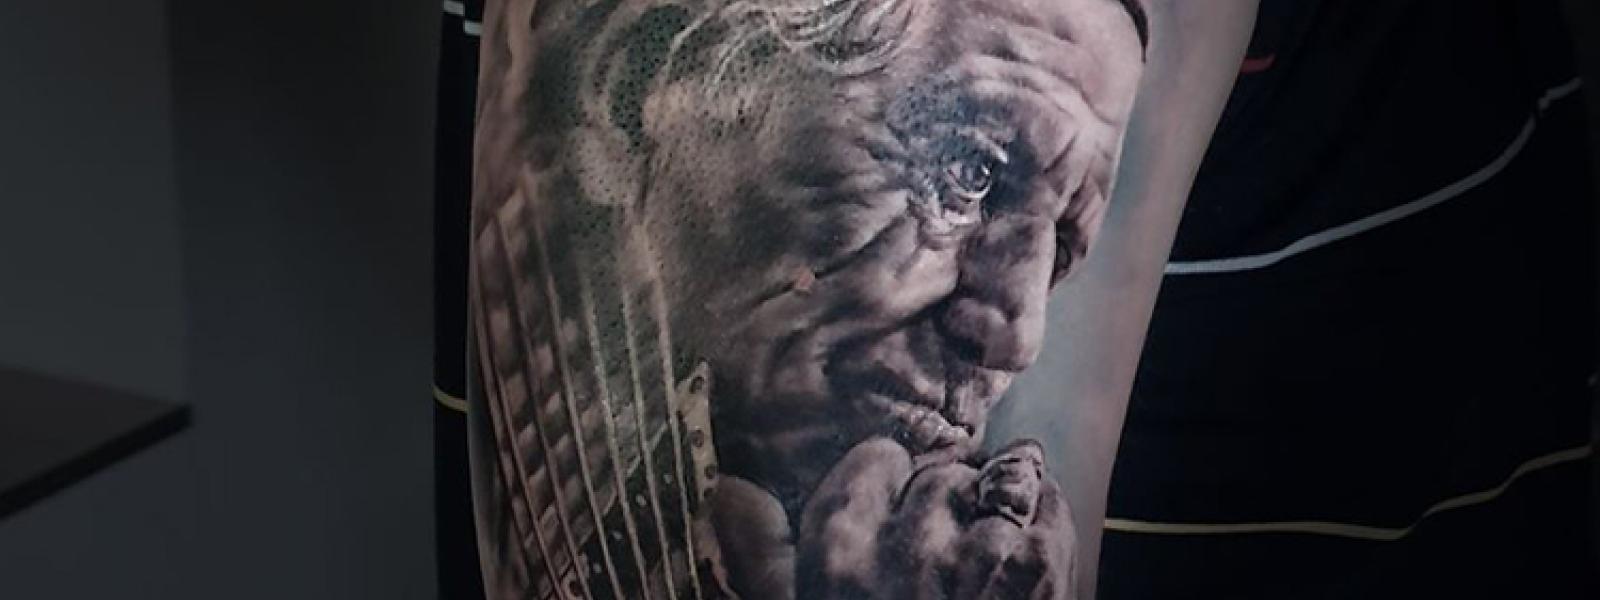 Stilovi tetoviranja, četvrti dio